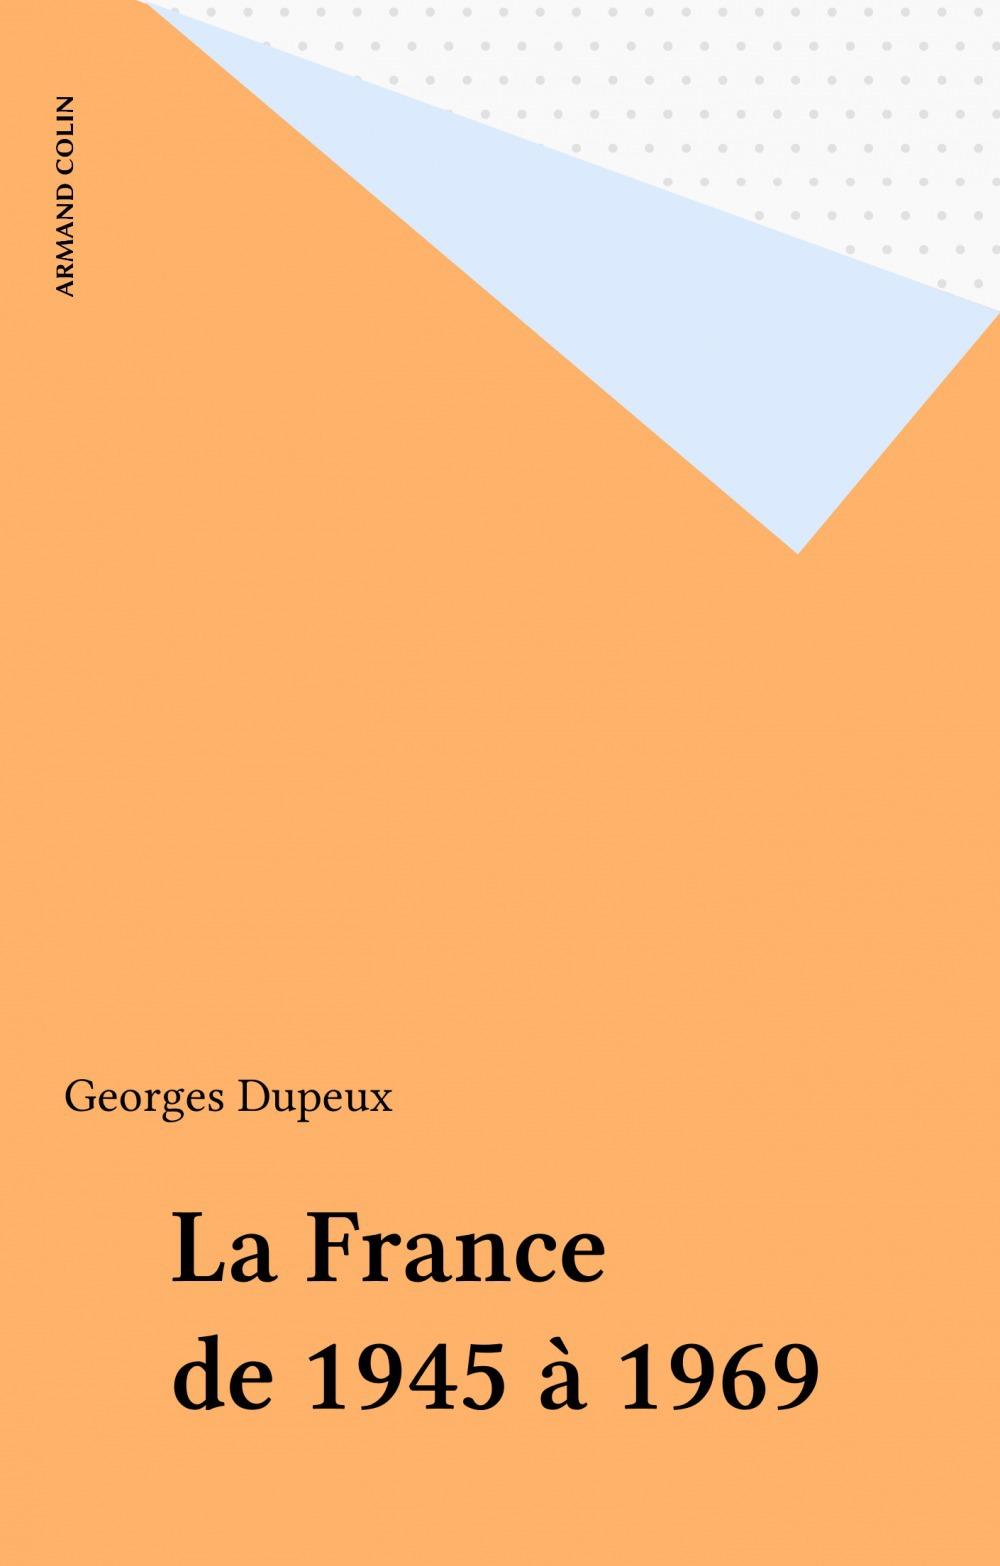 France de 1945 a 1969